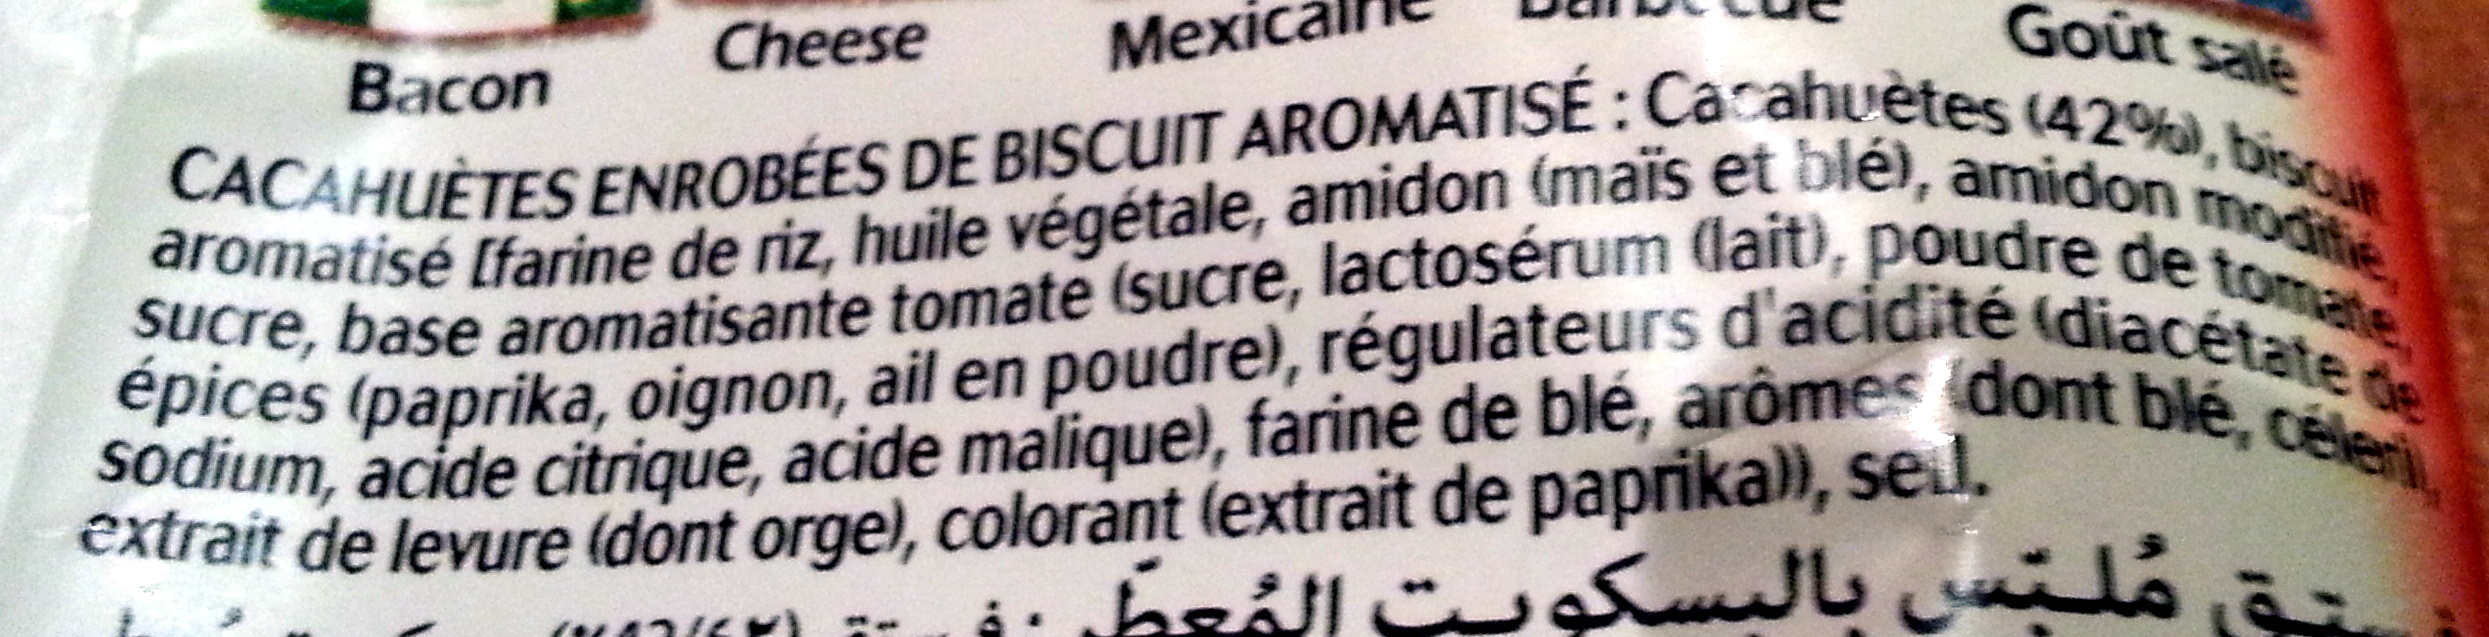 Twinuts goût tomate - Ingredients - fr